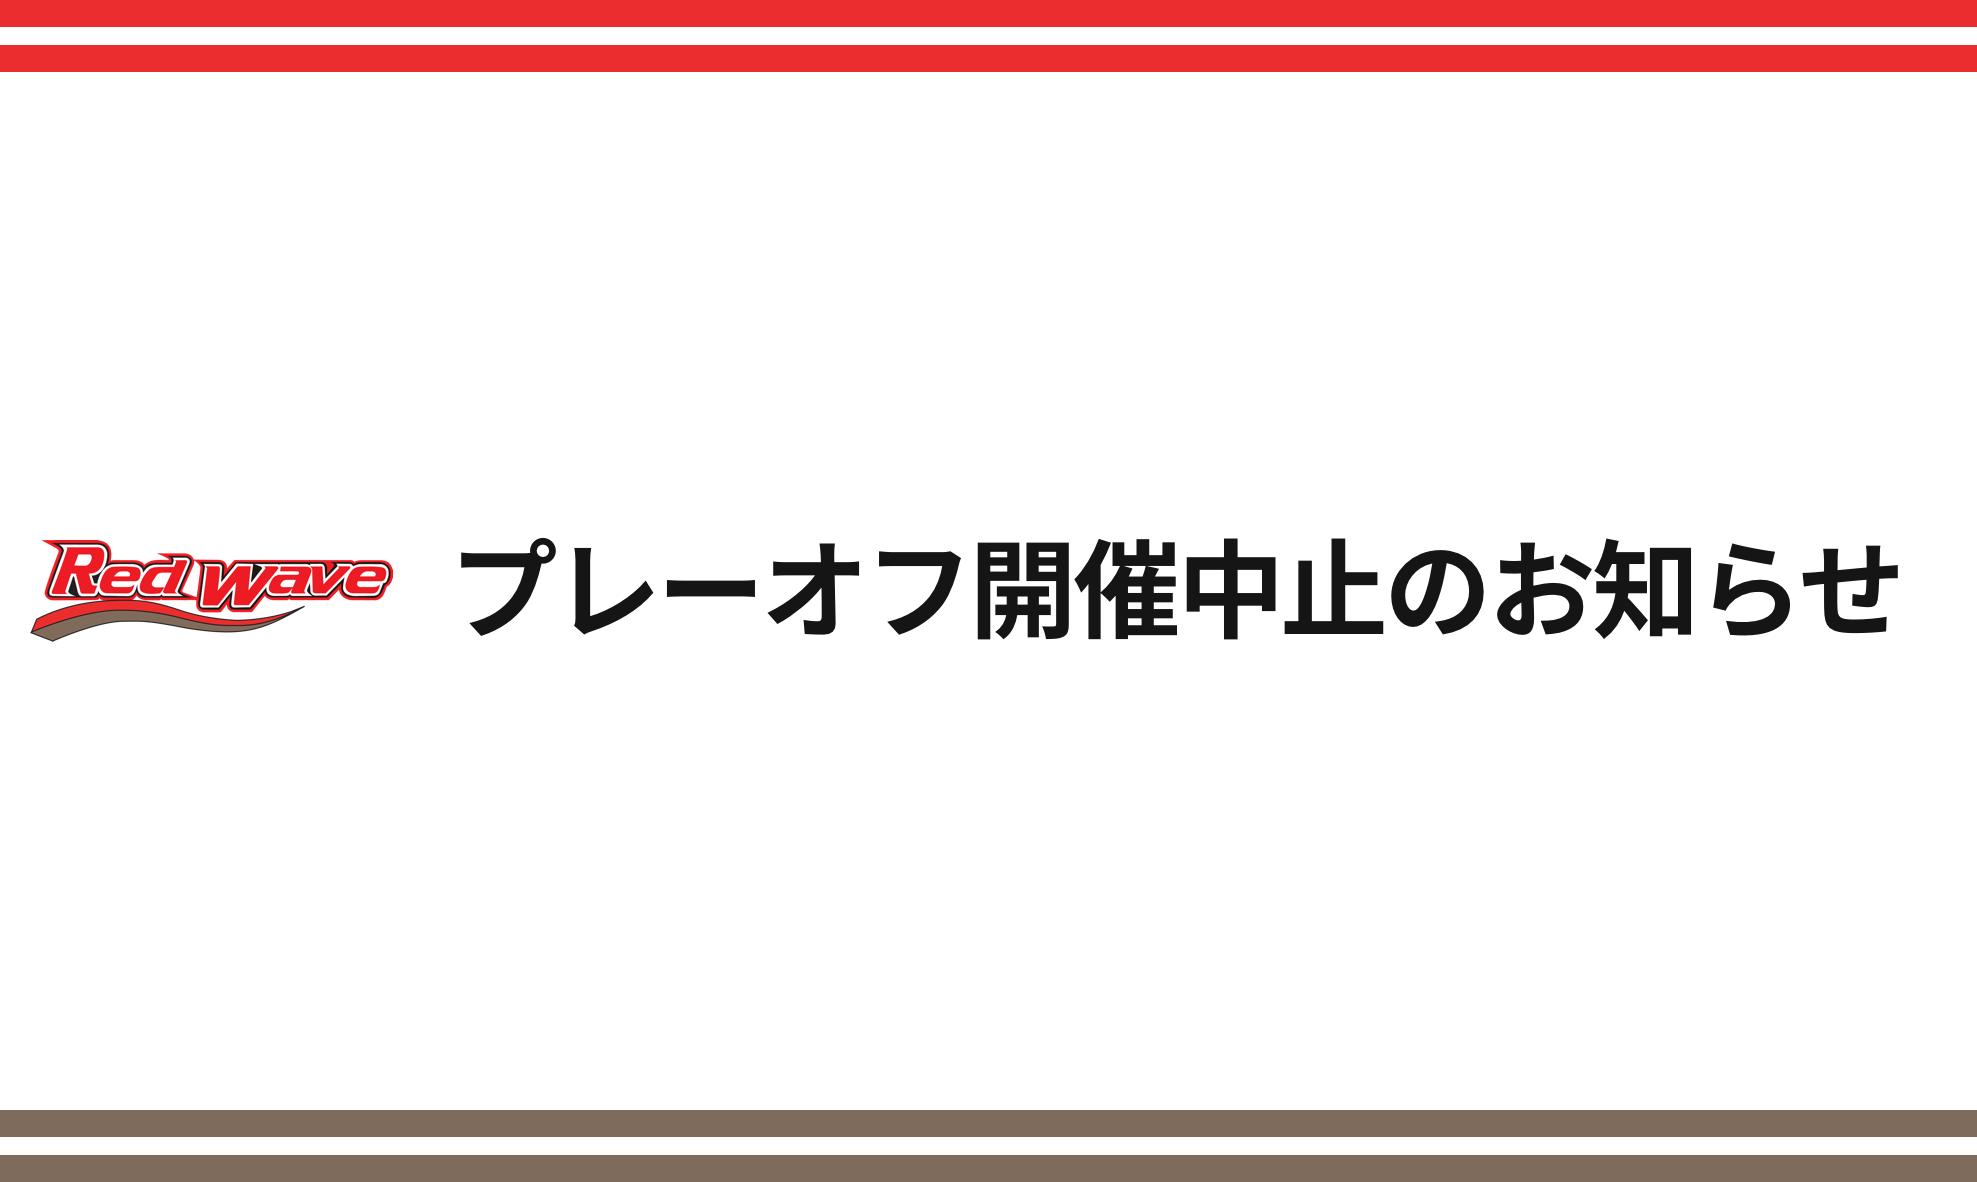 【重要】プレーオフ開催中止のお知らせ